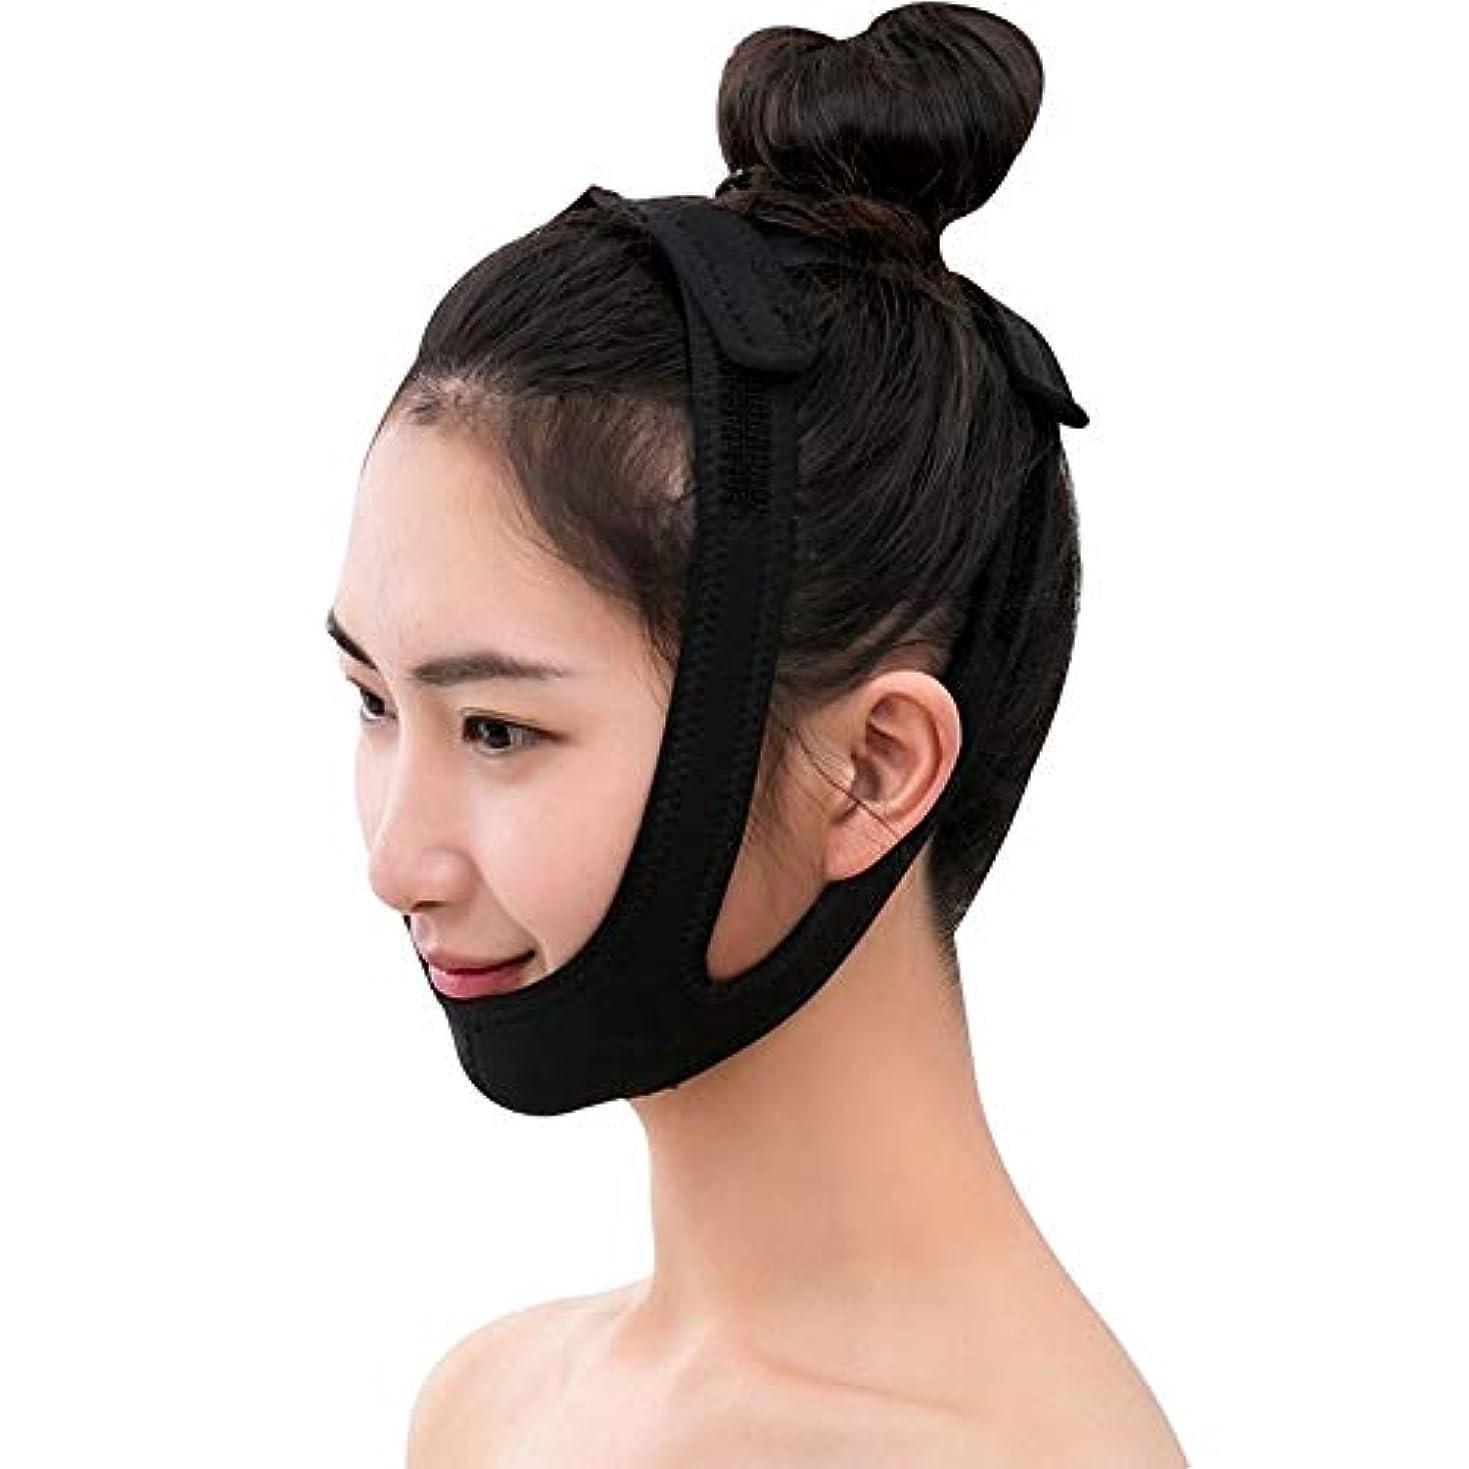 エンジニアリングなめらか疫病Jia Jia- 強力なフェイスリフトアーチファクト術後回復ライン彫刻フェイシャルリフト睡眠リフティングフェイス引き締めVフェイス包帯 - 黒 顔面包帯